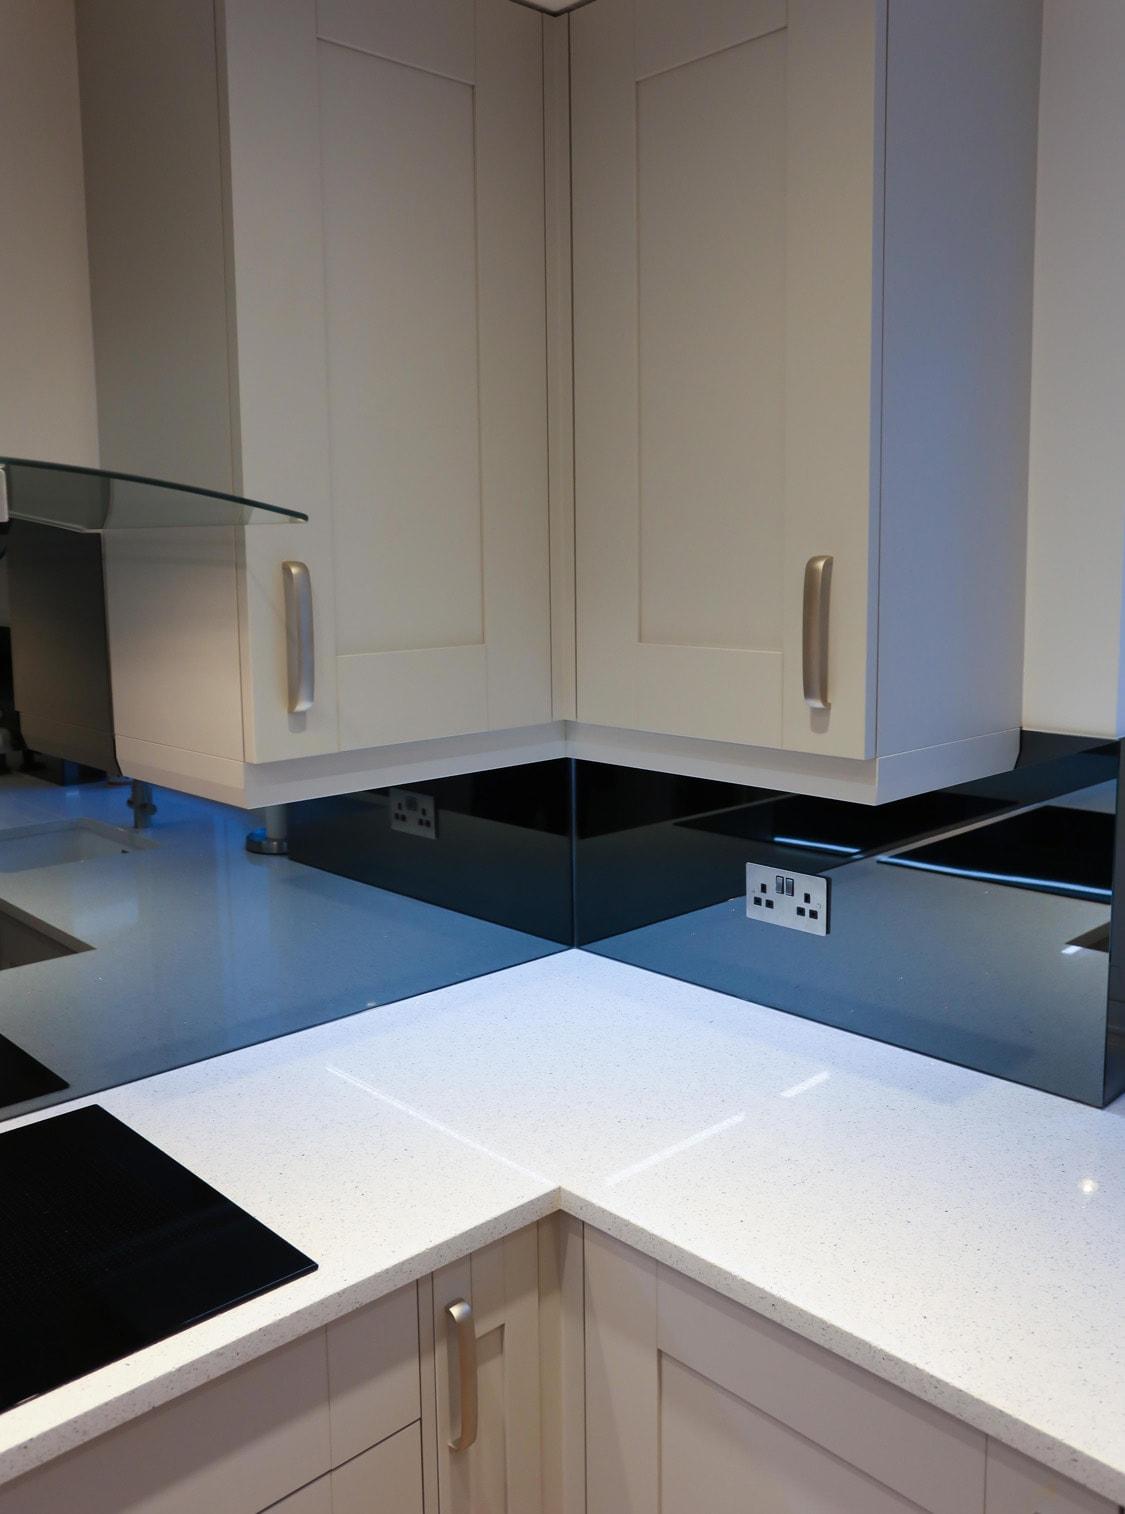 Mirrored Glass Splashback Under Cupboards